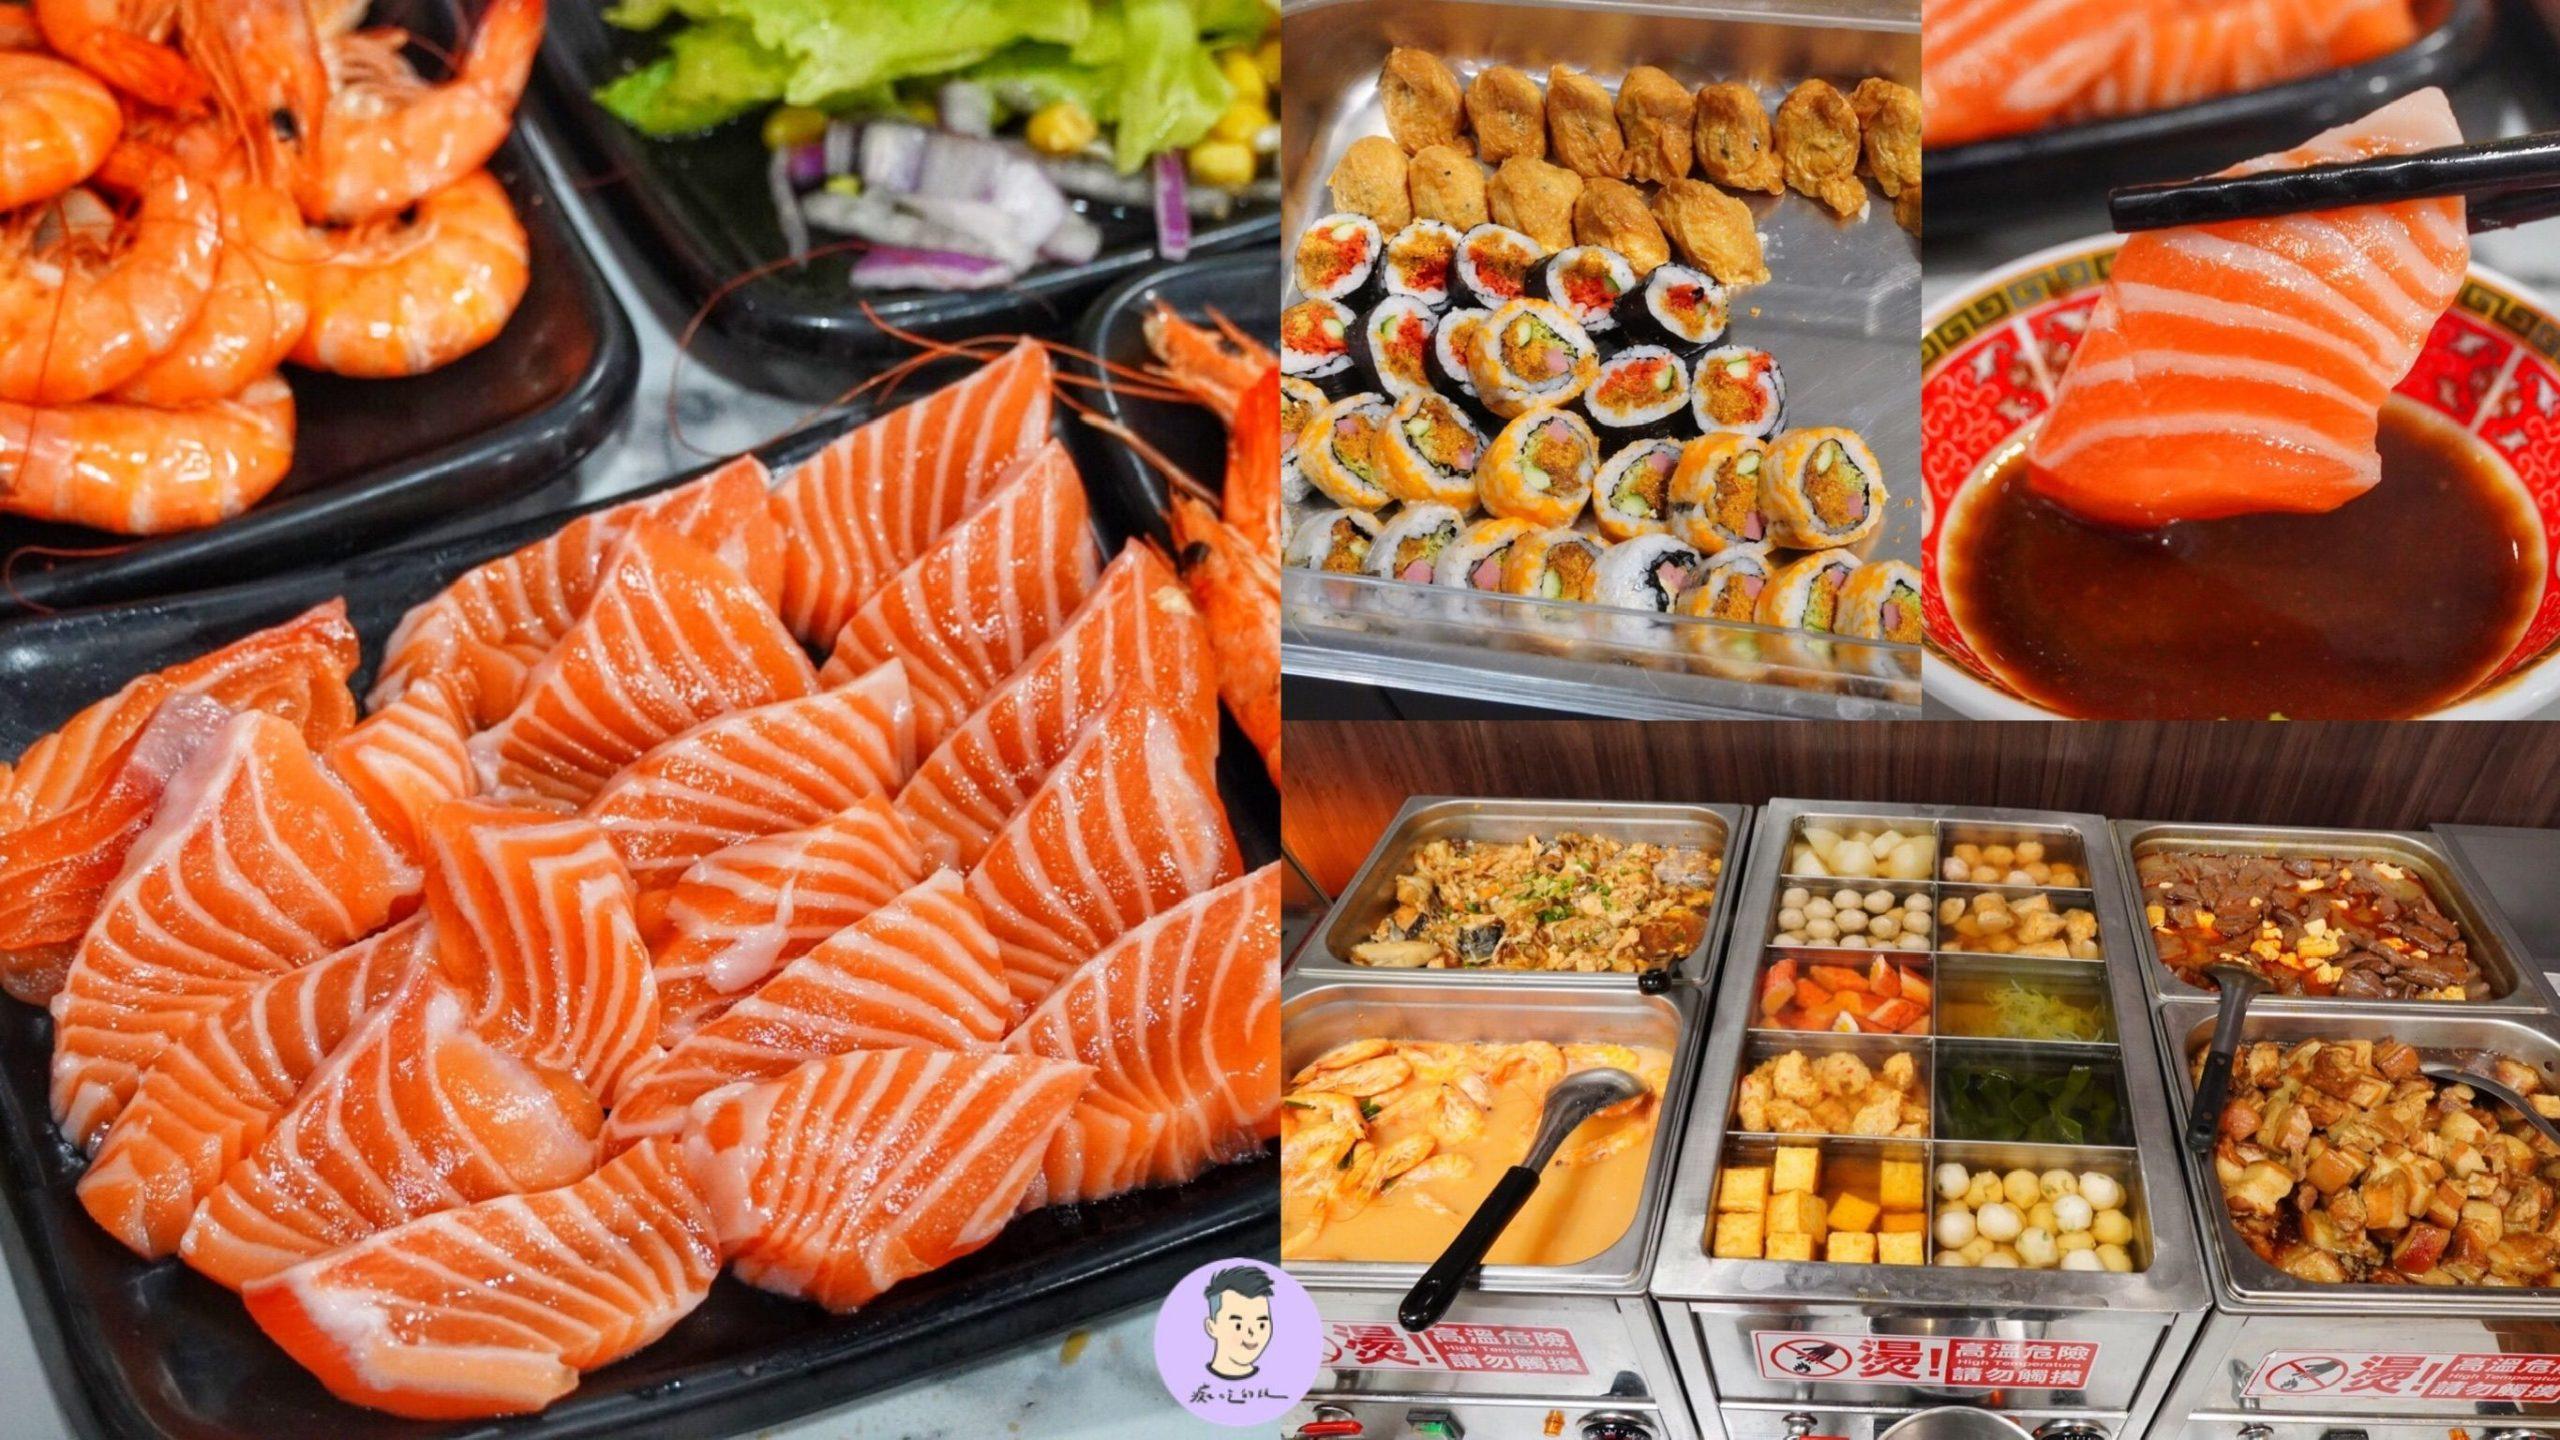 【台南美食】鮭魚生魚片任你吃!台南火鍋吃到飽「三飽 Mr.Bao」太狂了 每人260元 鮮蝦/壽司/沙拉/熱食/水果/冰淇淋/飲料/炸物 自助吧無限量供應